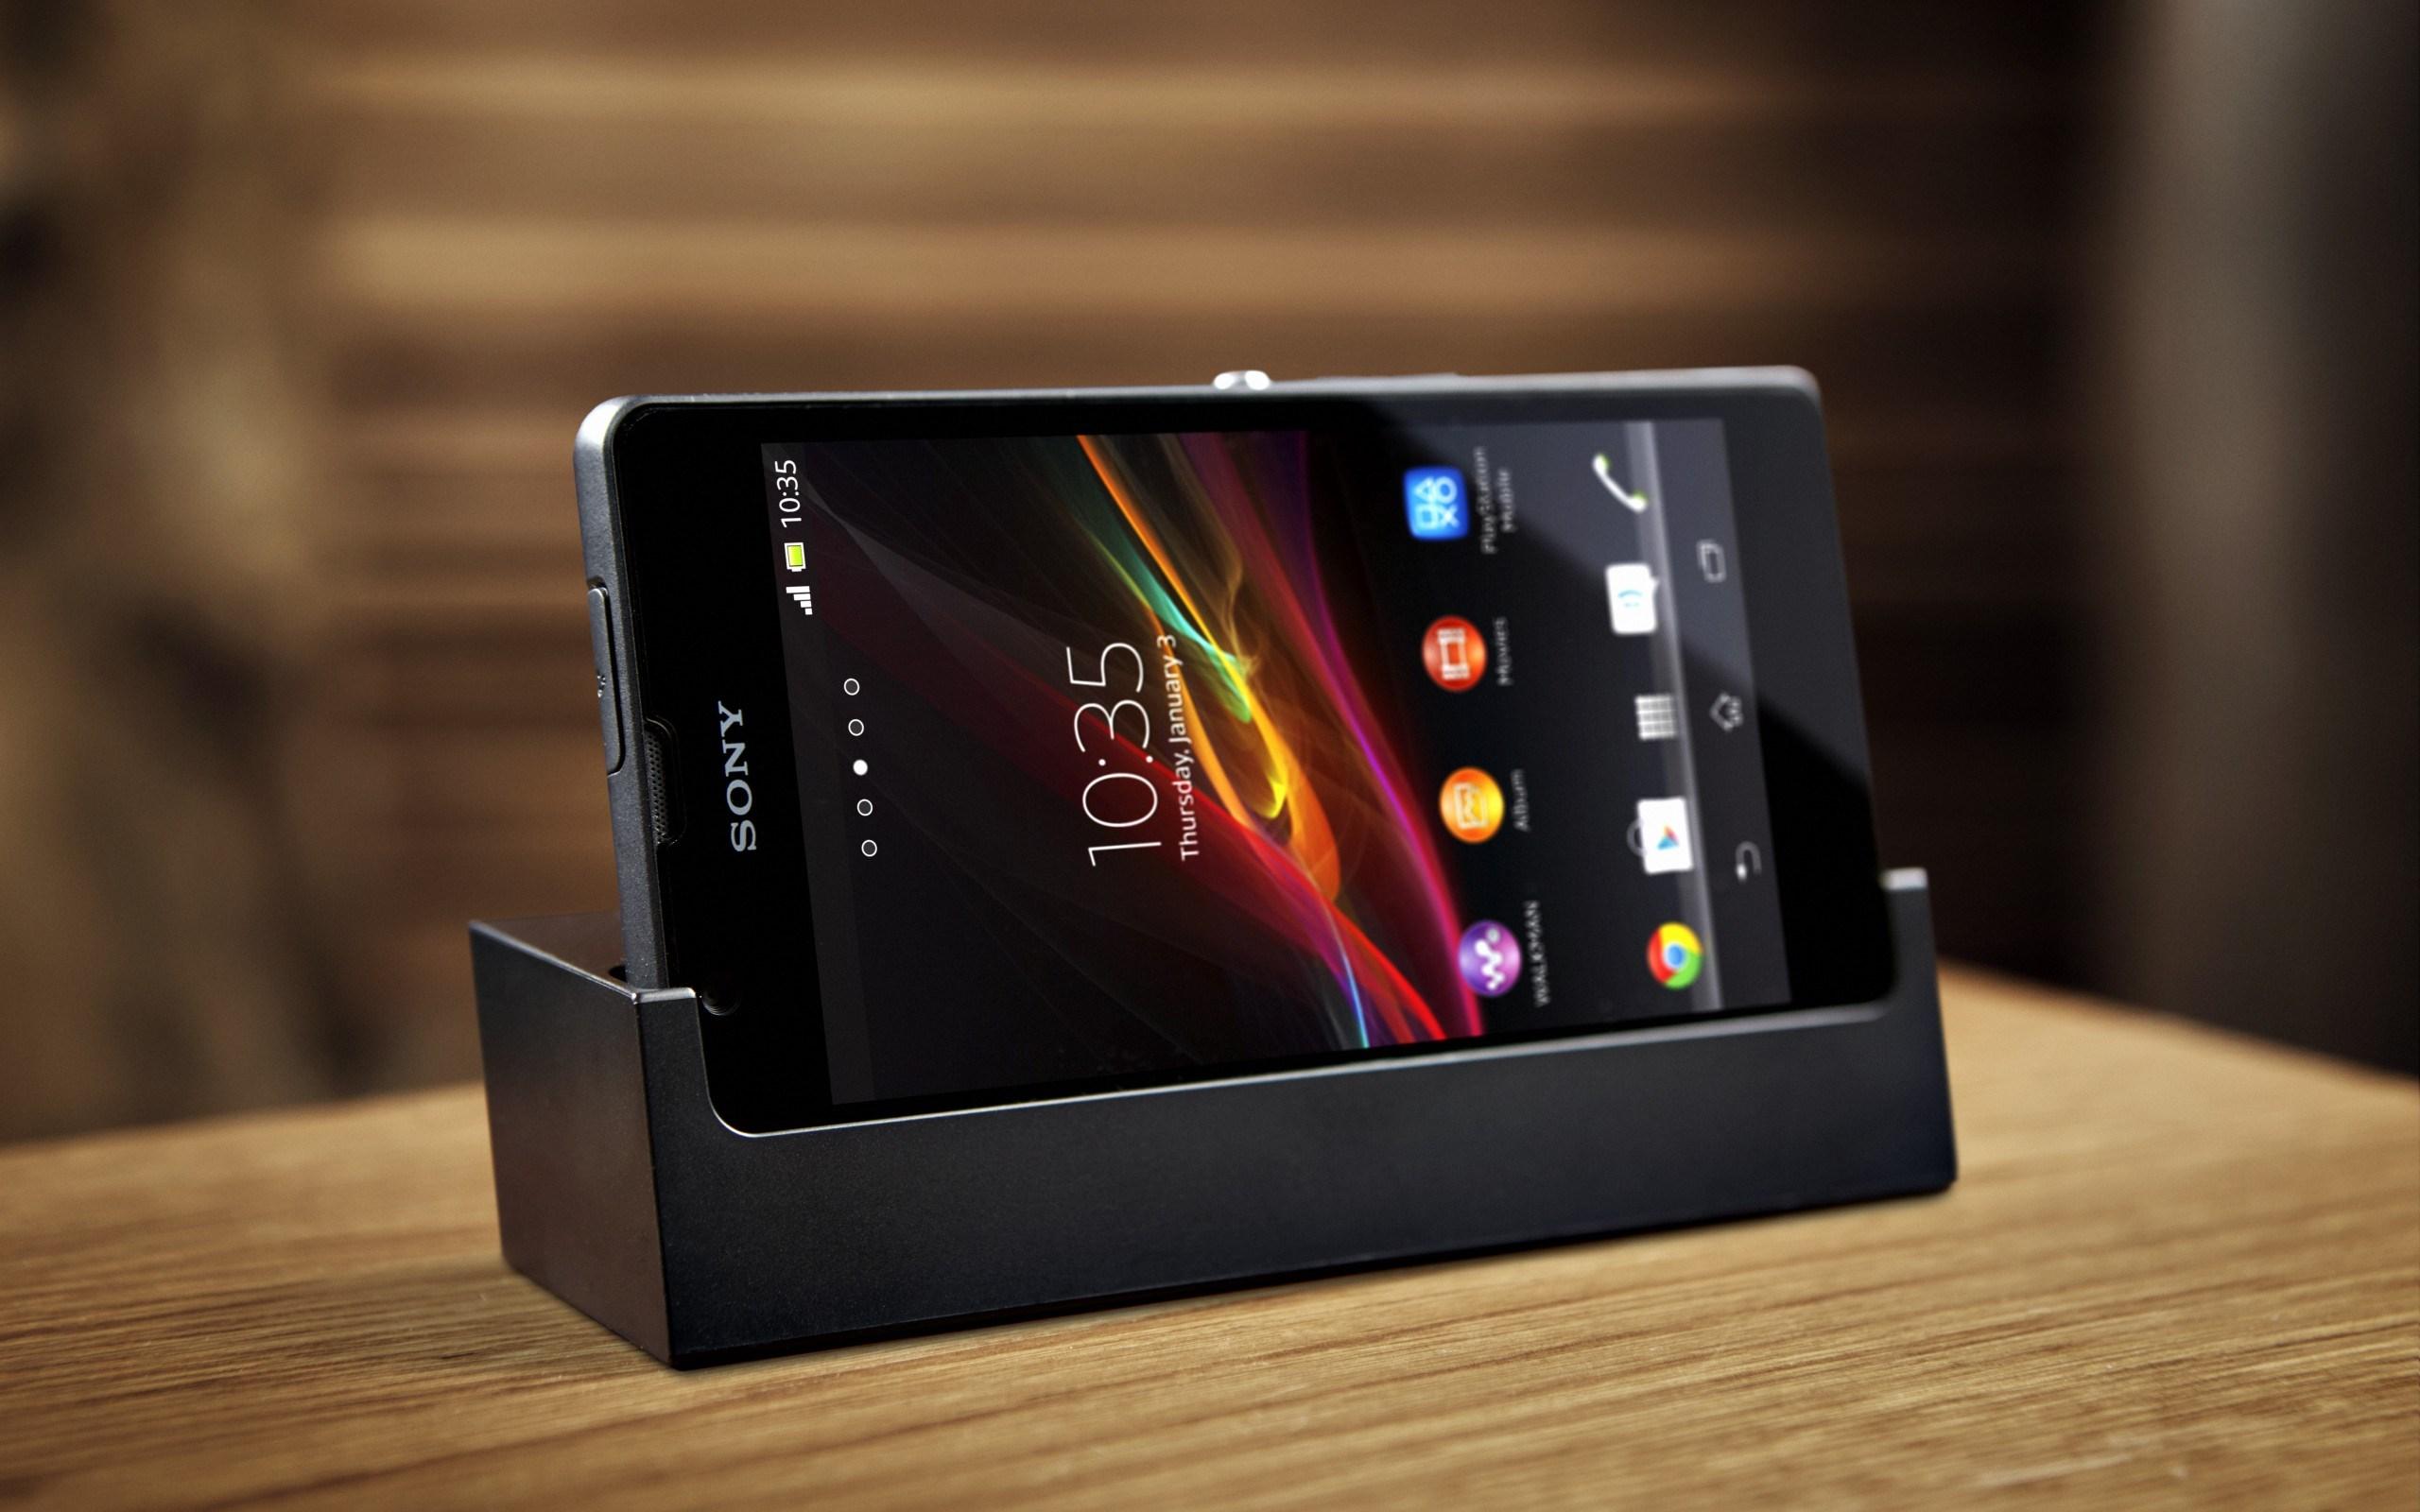 Sony Xperia ZR Station Hi-Tech